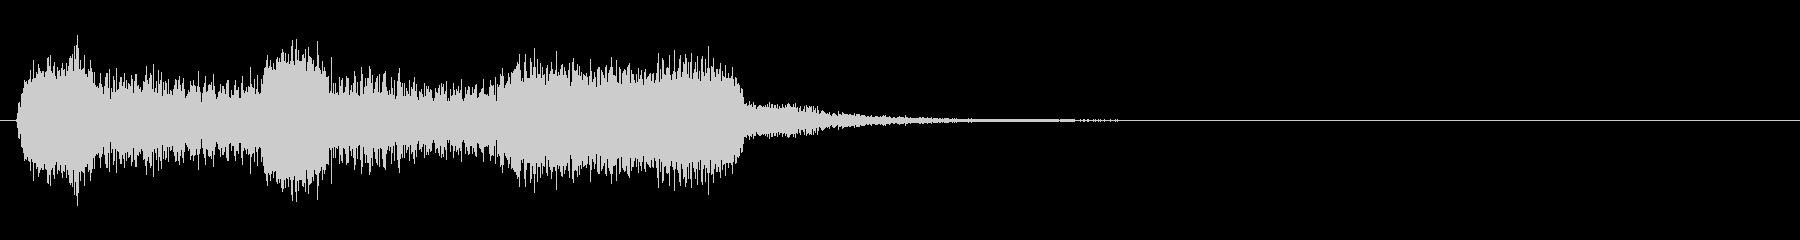 生演奏リコーダーでドレミの音ブラス風の未再生の波形